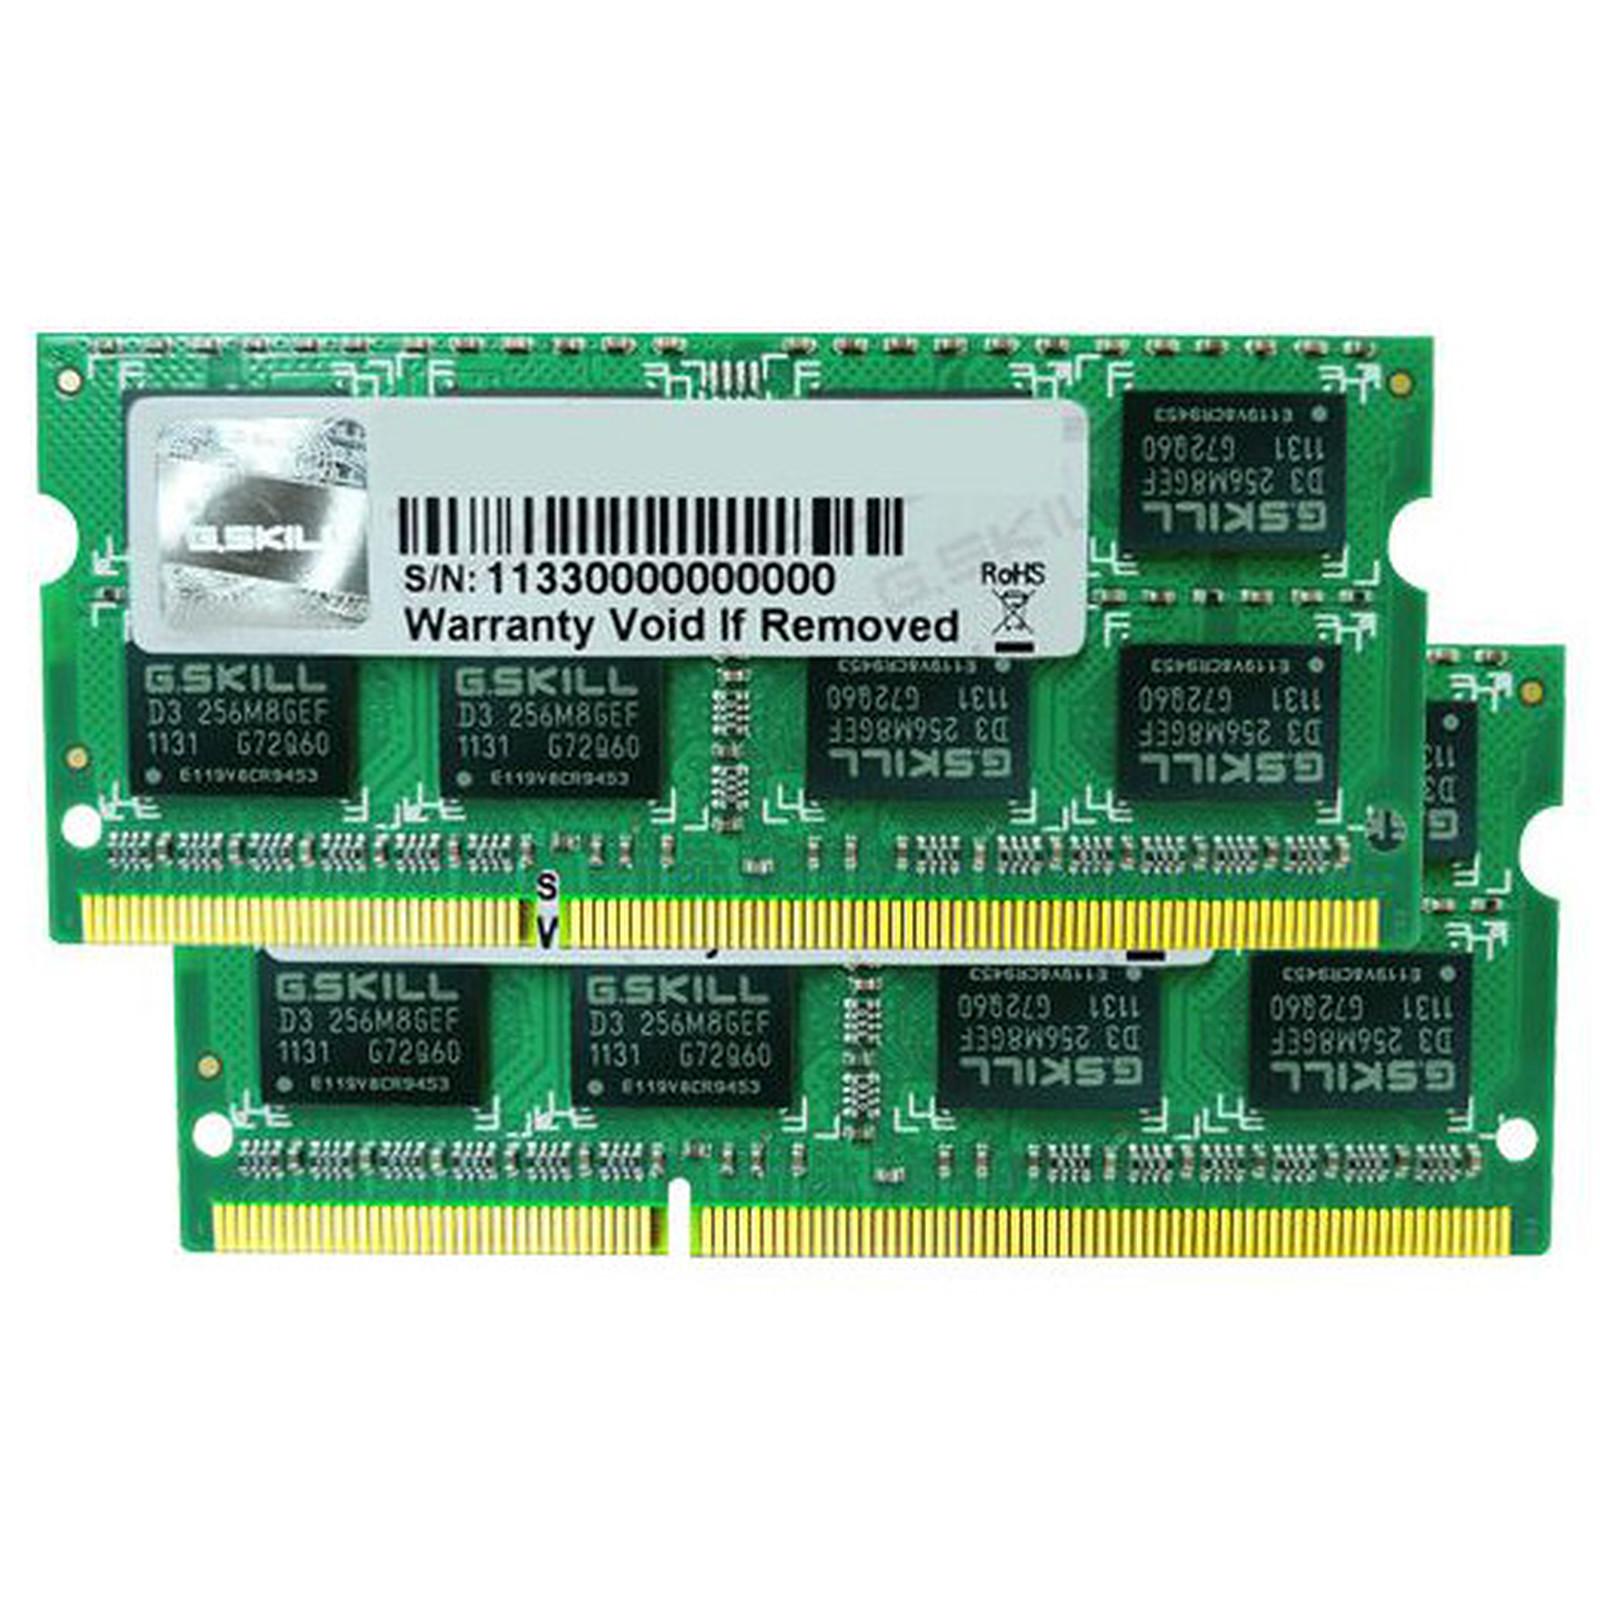 G.Skill SODIMM 8 Go (Kit 2x 4Go) DDR3 1333 MHz